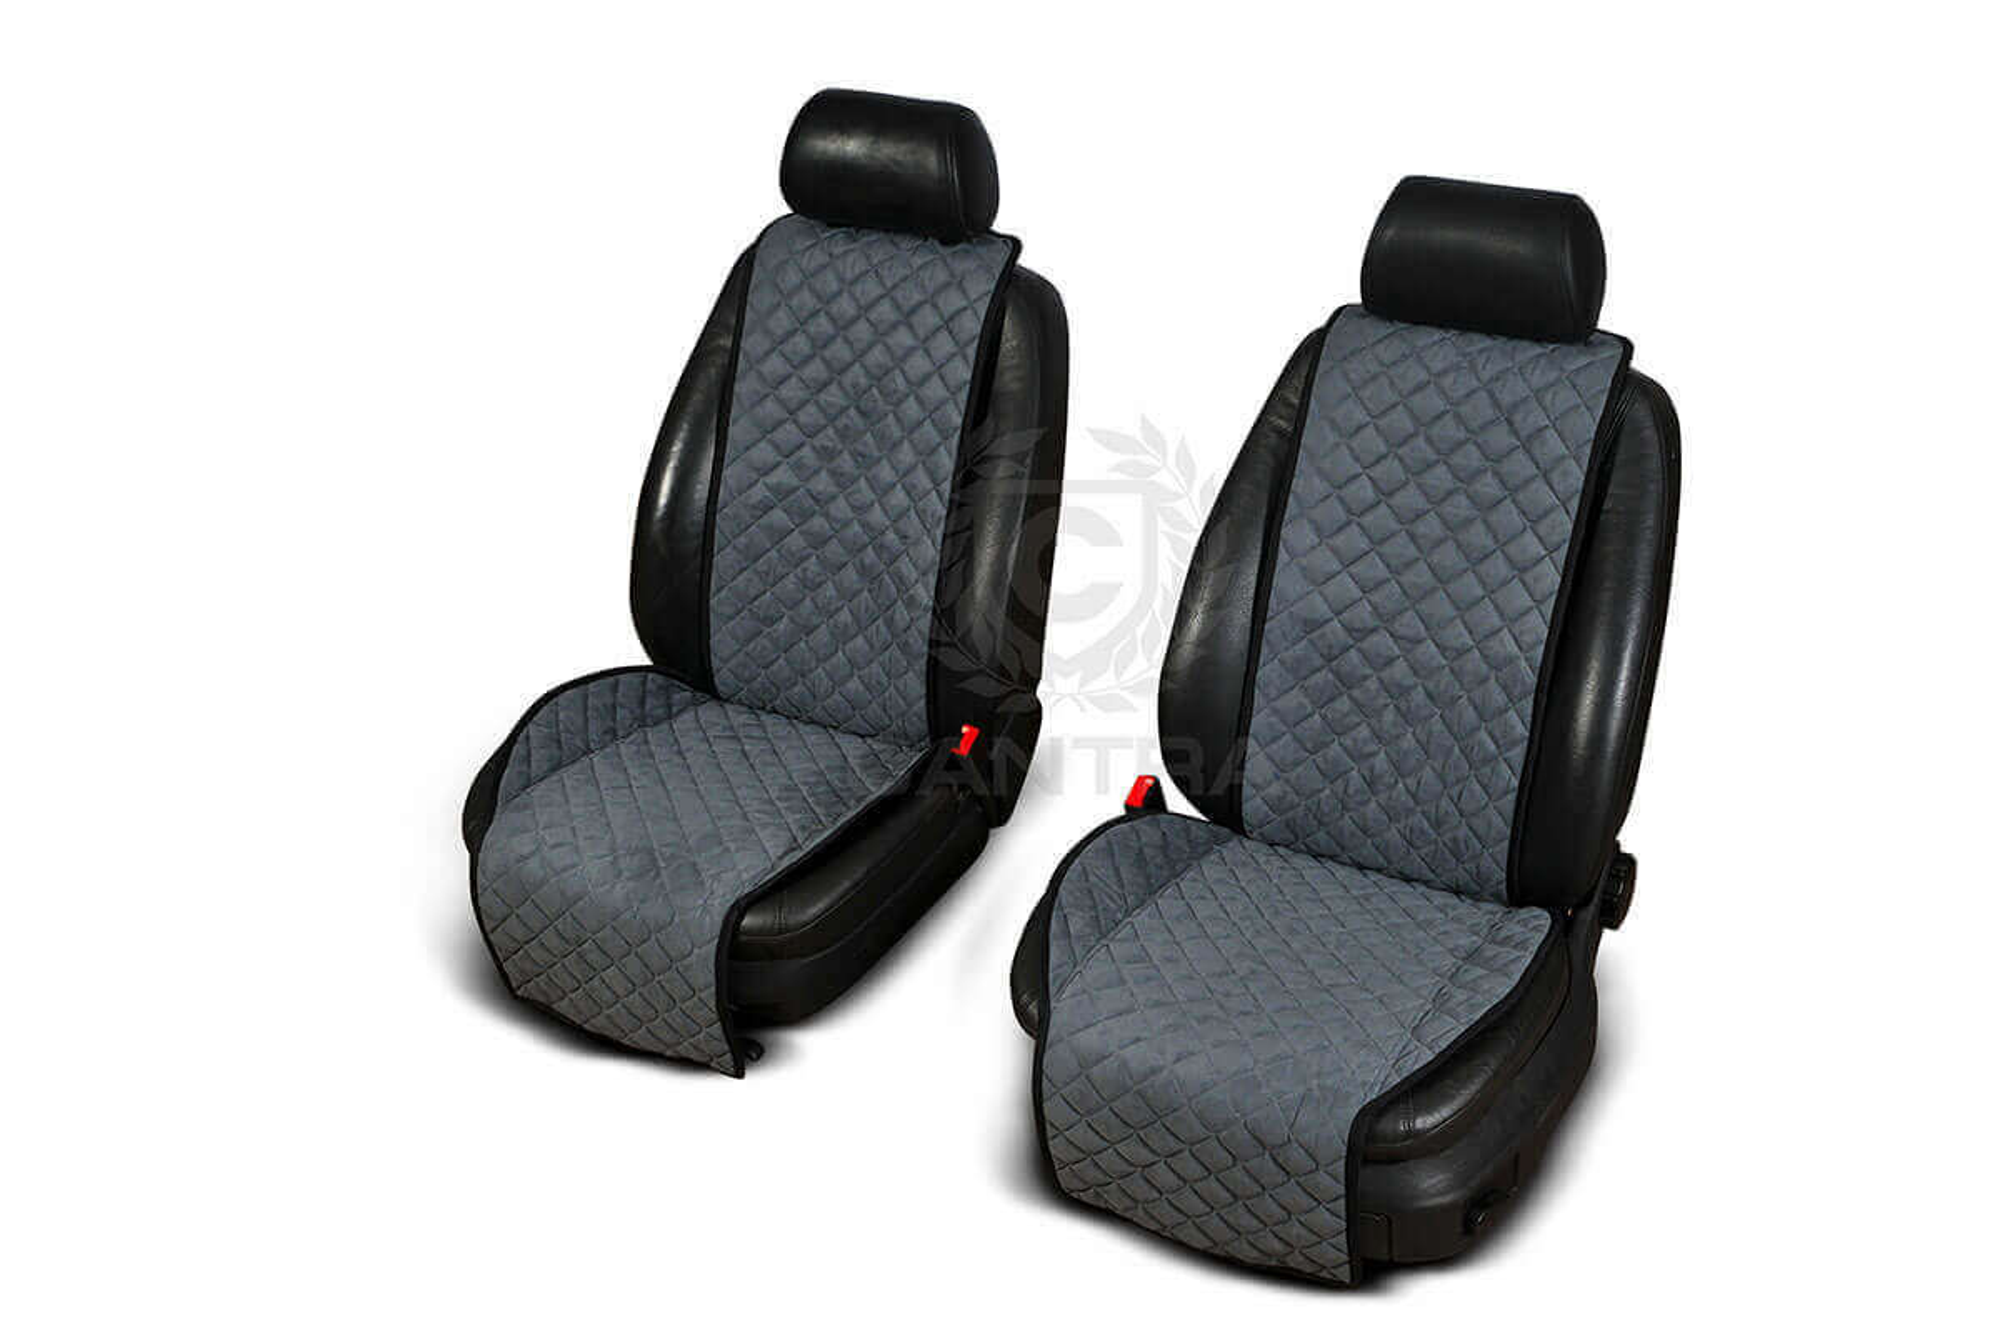 Autopotahy Cantra - ŠIROKÉ. 2x autopotahy na přední sedadla Barva: Světle šedá